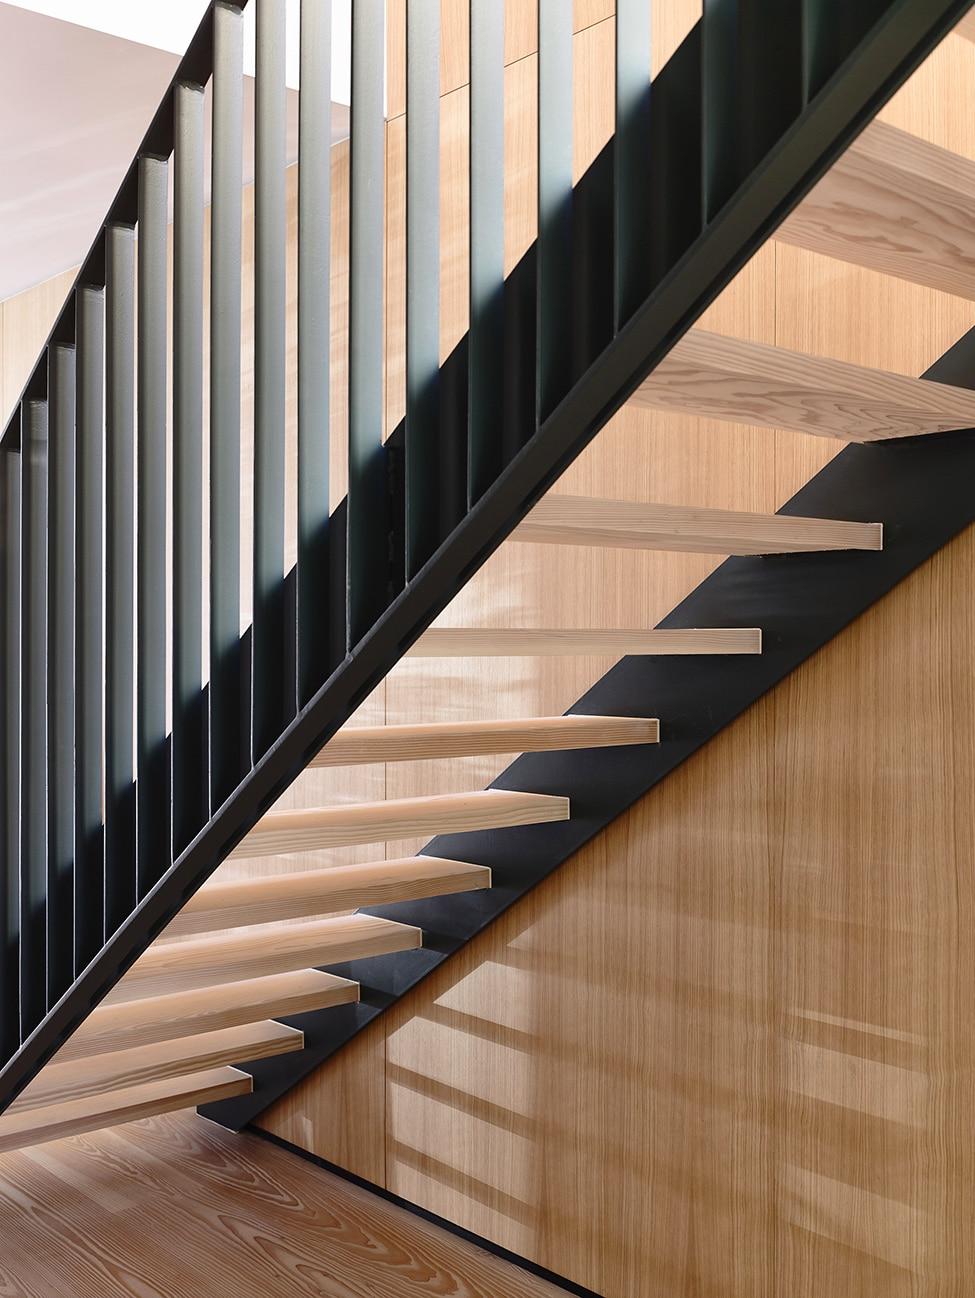 Detalles de escaleras modernas pelda os de madera y for Planos de escaleras de hierro